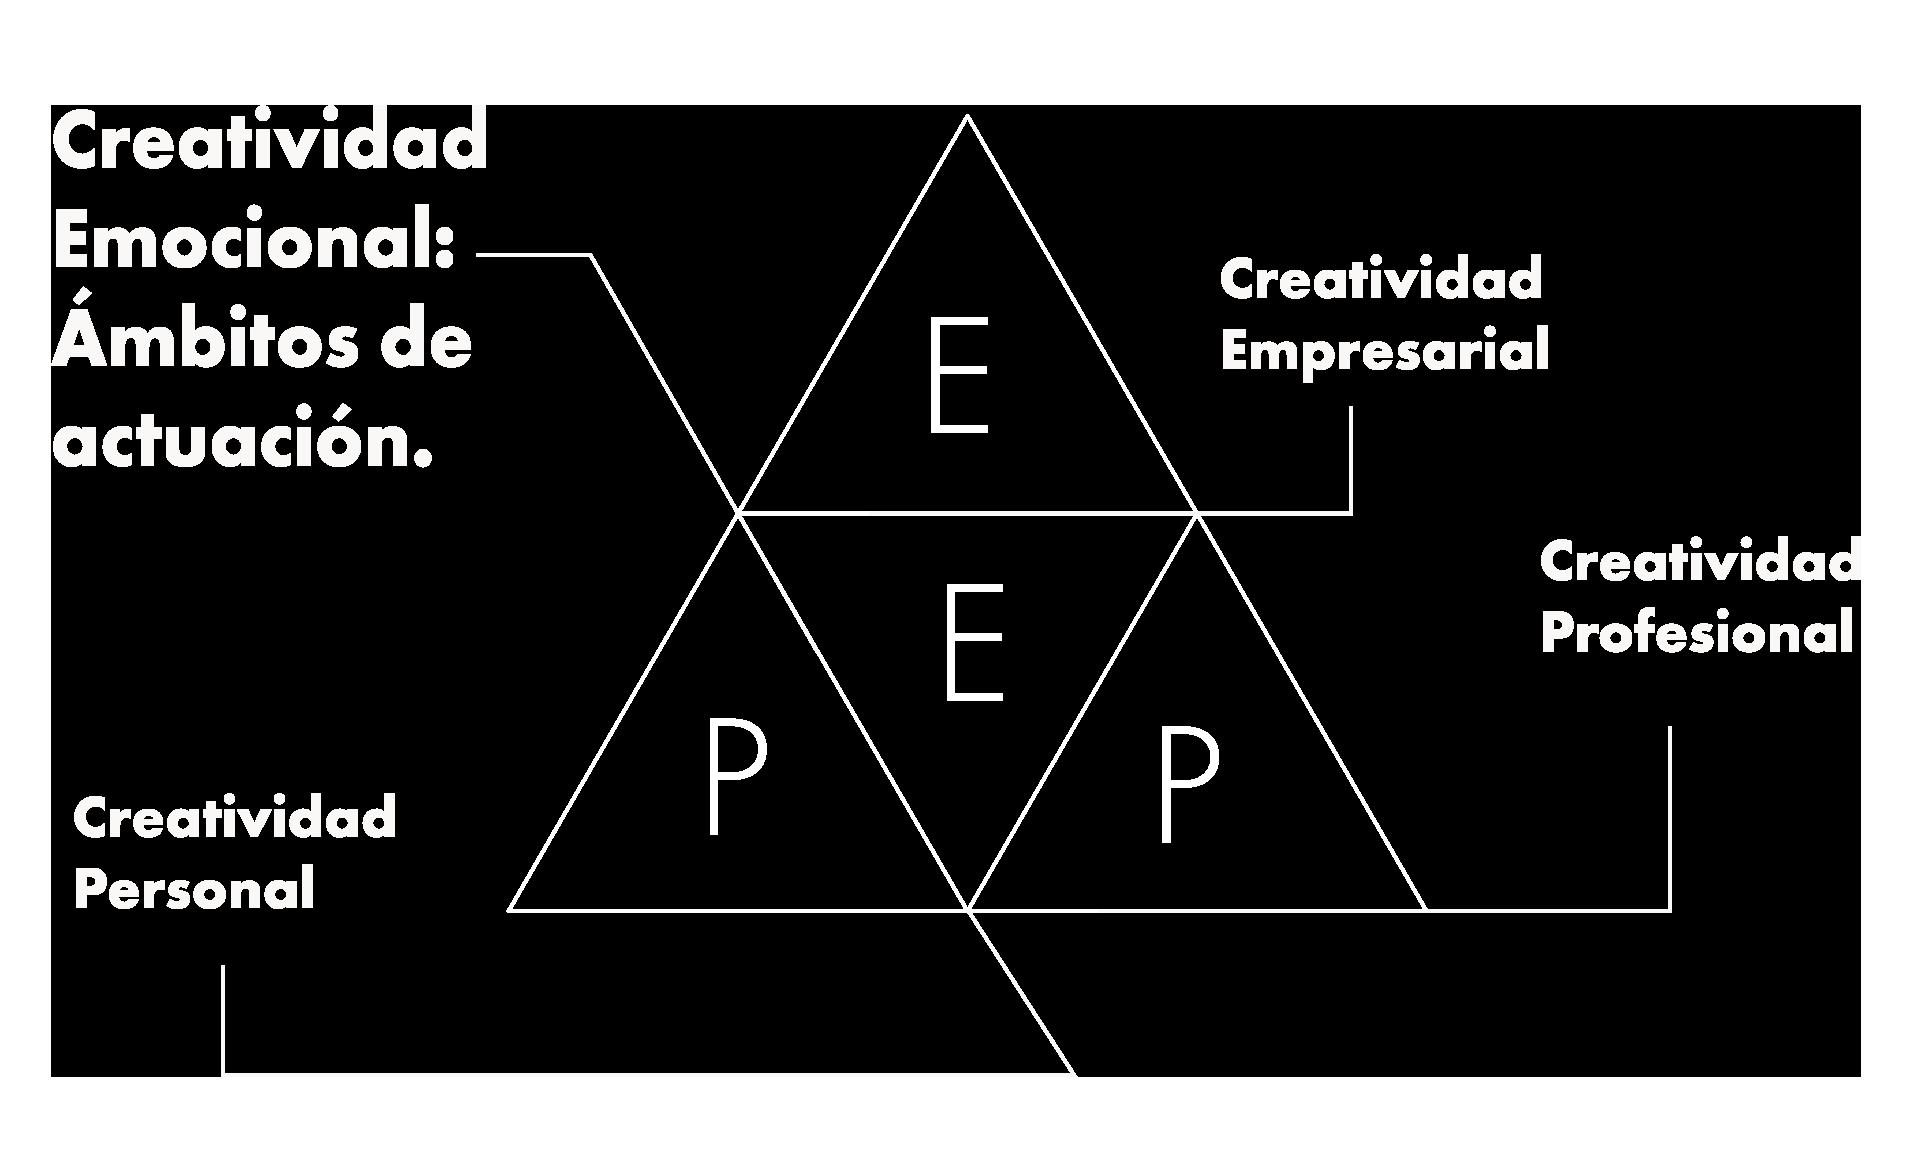 Triangulo con las cuatro dimensiones de la creatividad en mi mentoría creativa profesional: Creatividad Emocional, Creatividad Personal, Creatividad Profesional y Creatividad Empresarial.